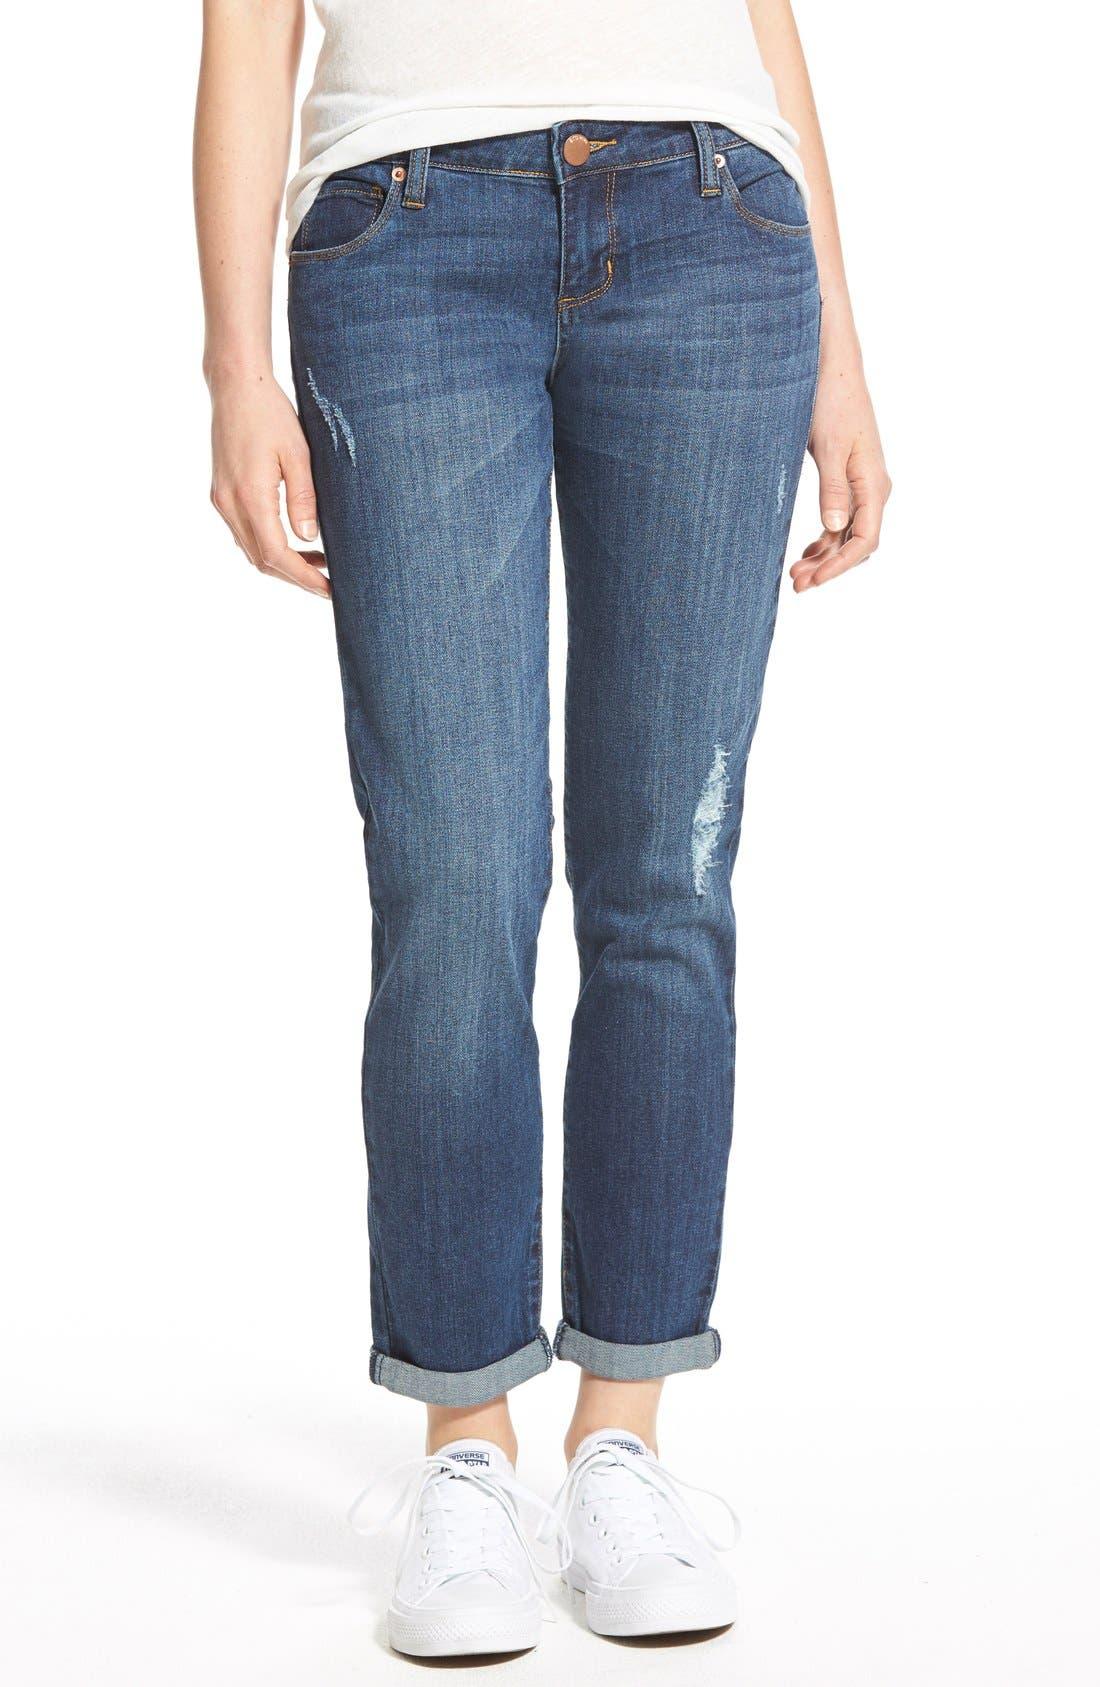 Alternate Image 1 Selected - STSBlue 'Joey' Low Rise Boyfriend Jeans (Big Bear)